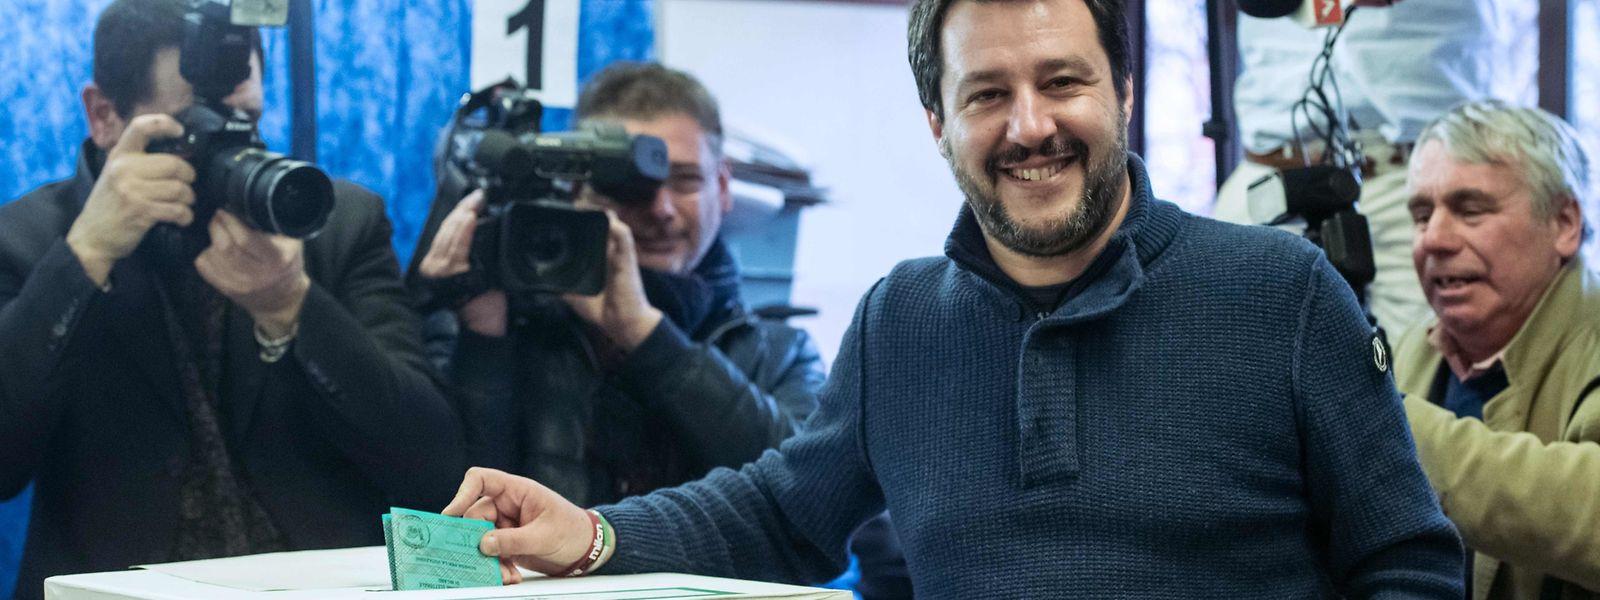 Matteo Salvini, leader de La Ligue (Lega Nord) glisse son bulletin dans l'urne lors des élections du 4 mars dernier.